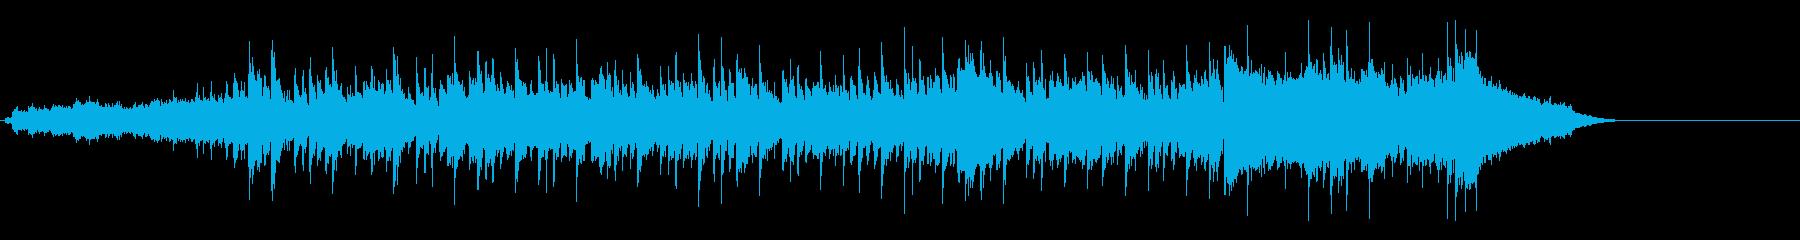 スタイリッシュなBGMの再生済みの波形